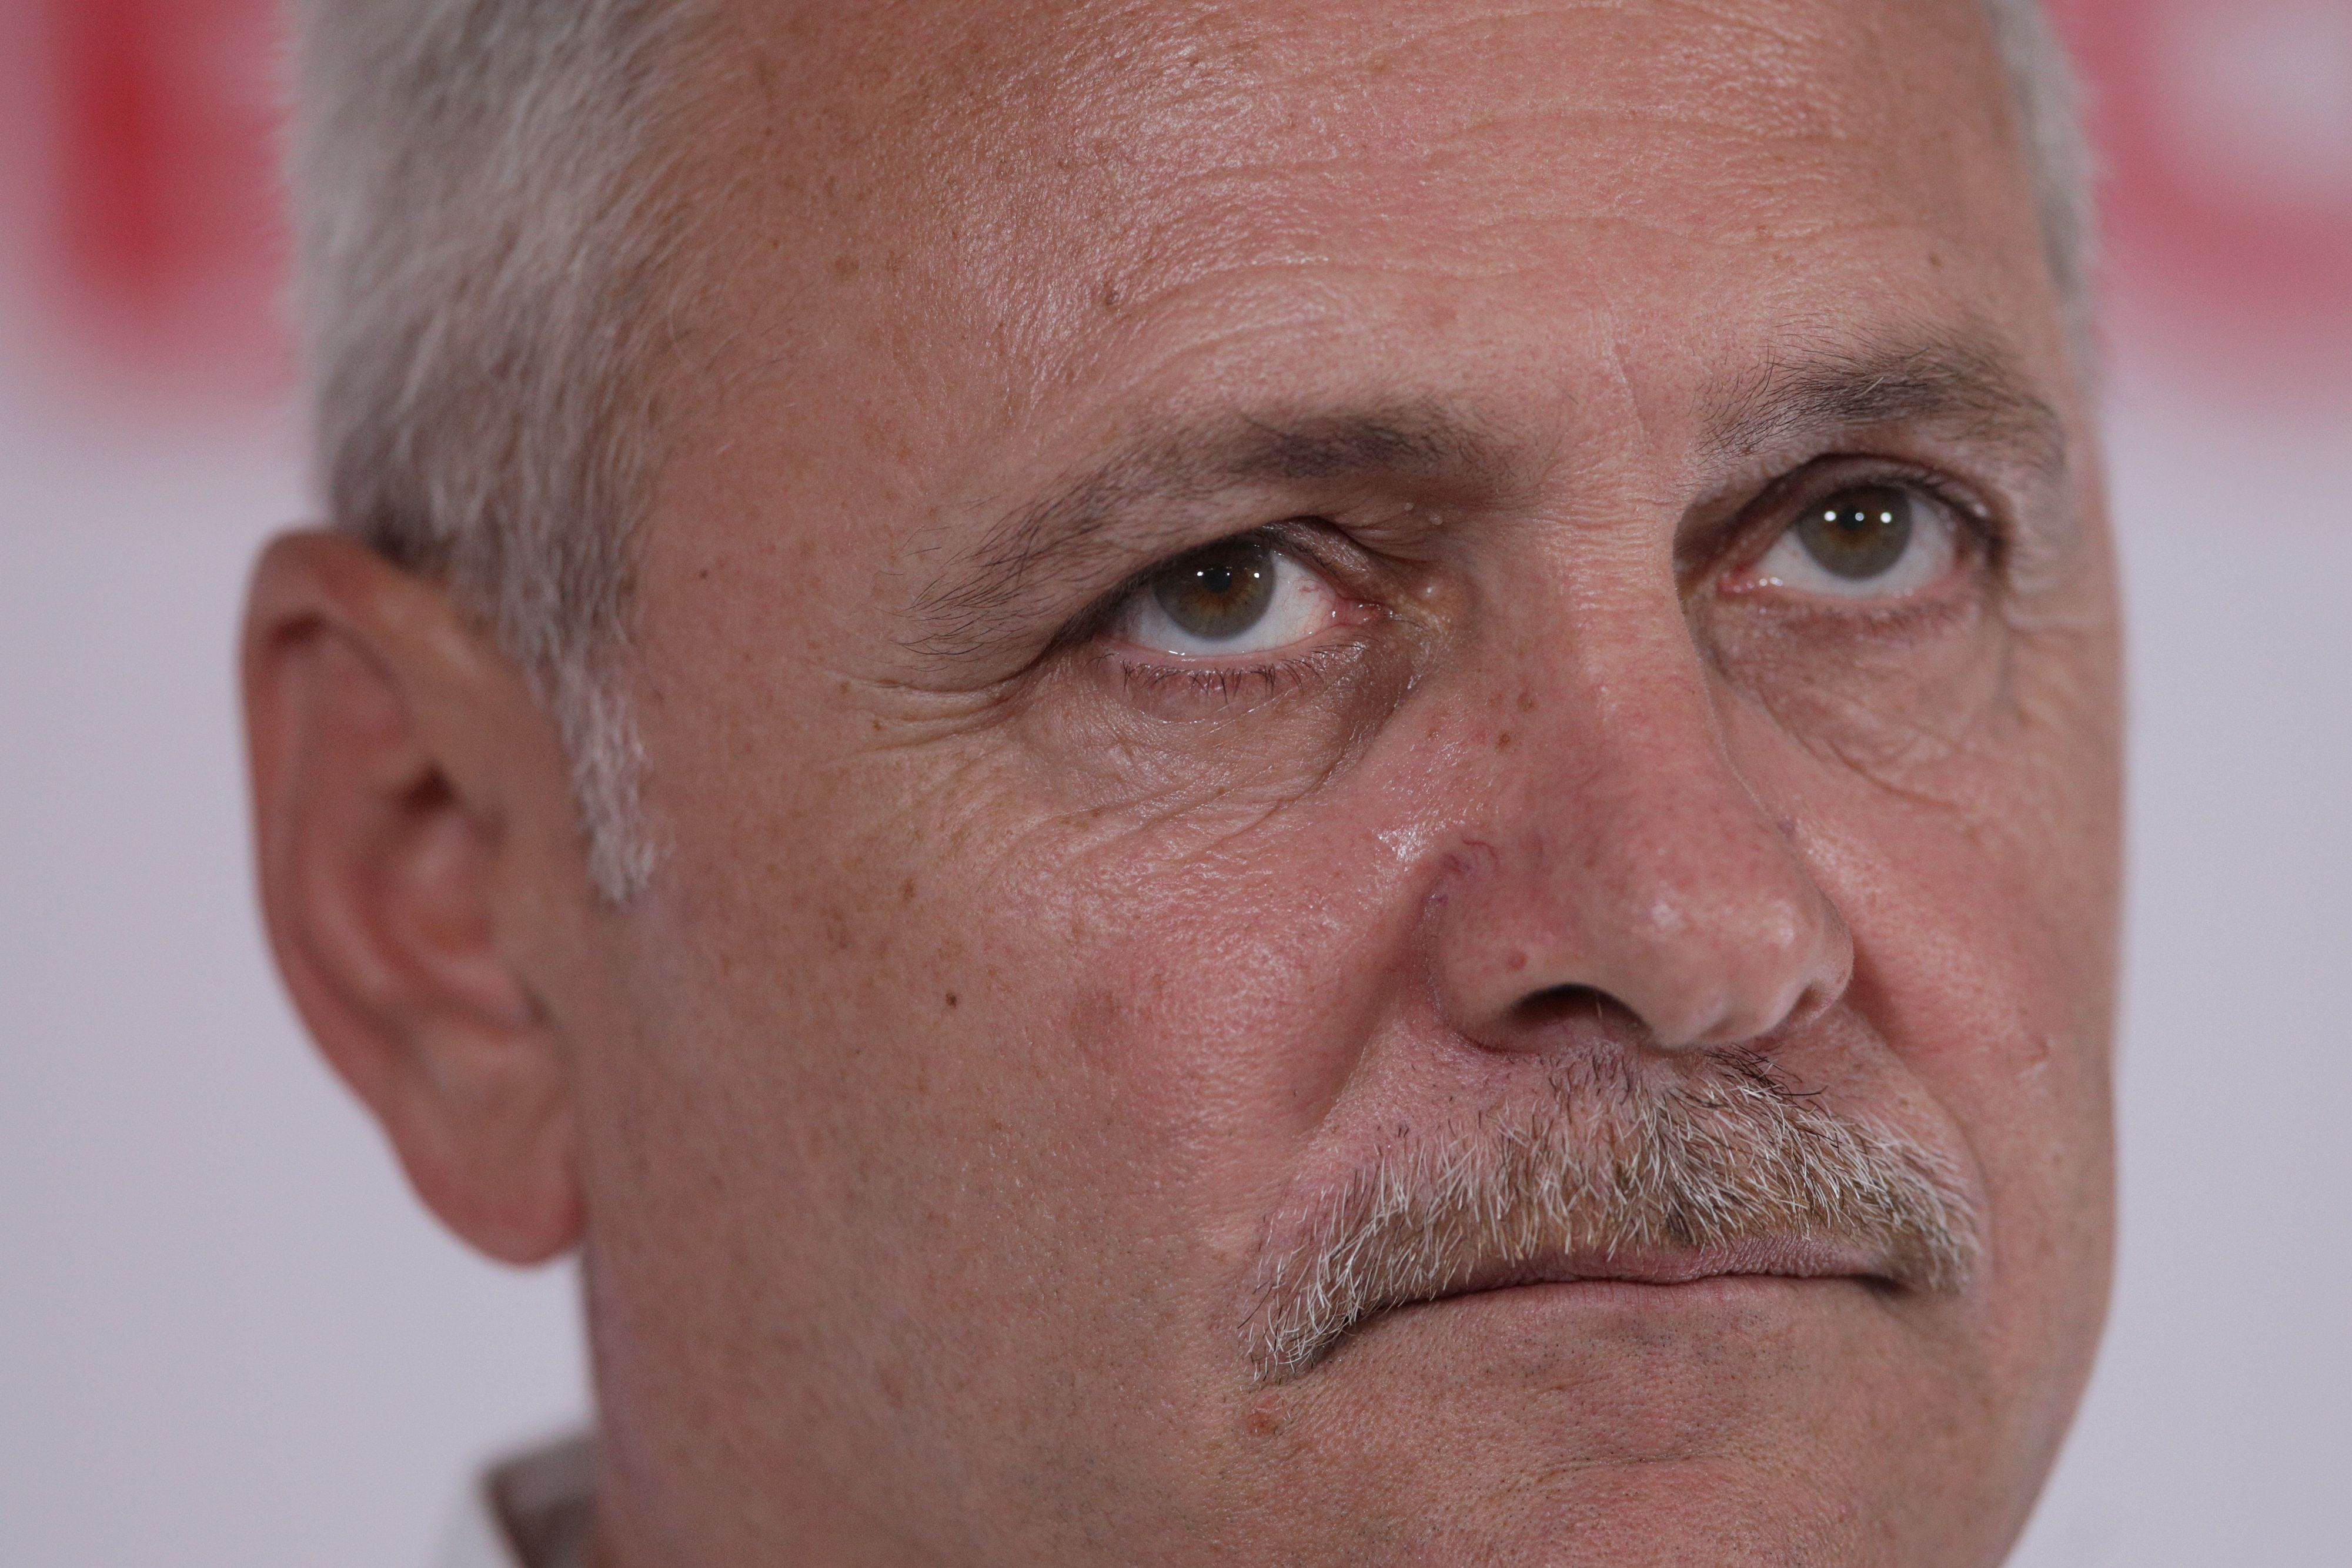 Cererea lui Dragnea a fost admisă. Procesul privind eliberarea a fost mutat la Giurgiu